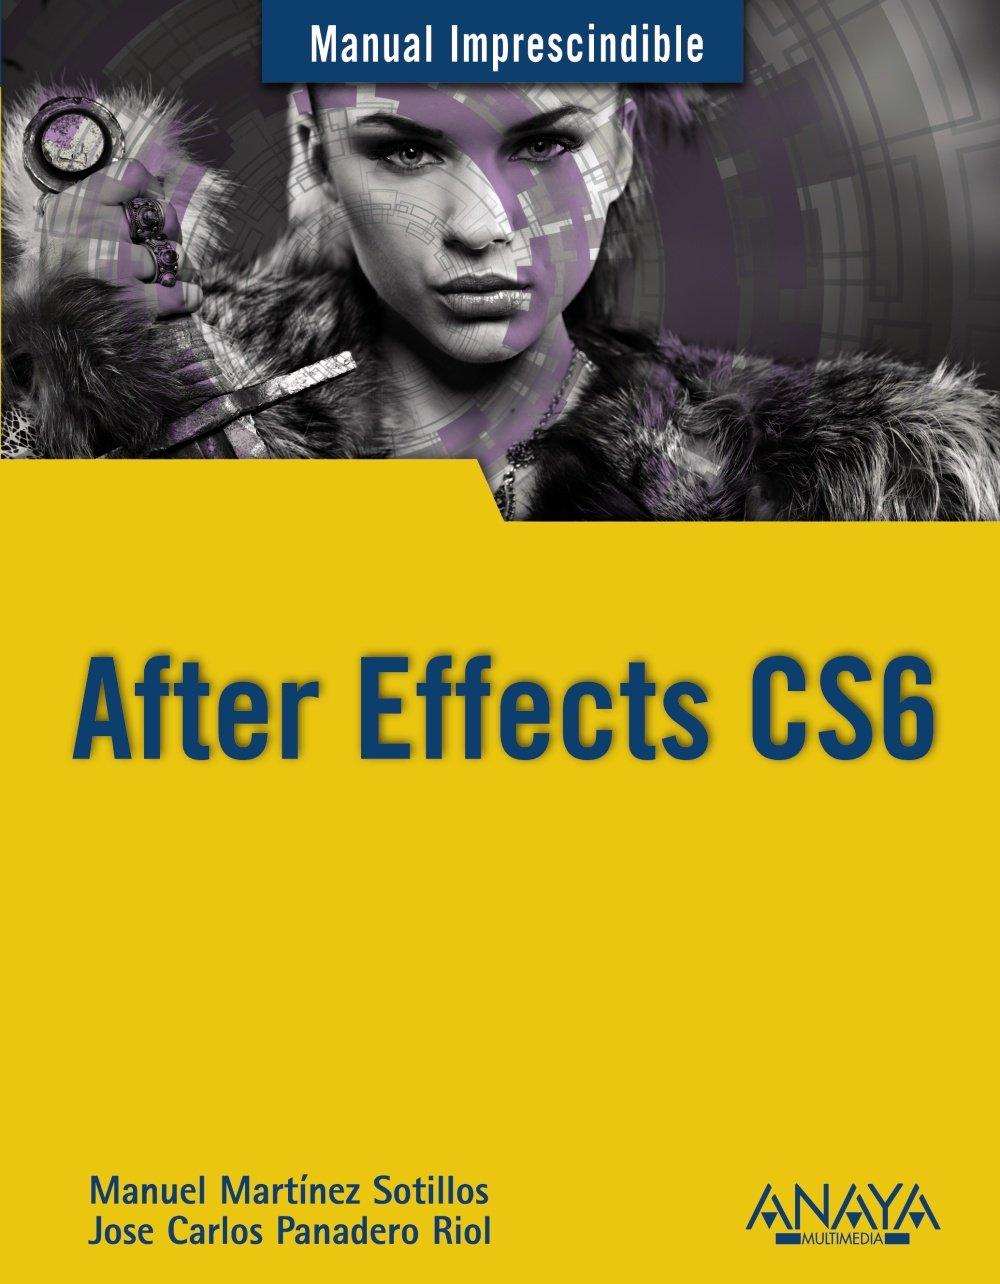 After Effects CS6 (Manuales Imprescindibles): Amazon.es: Manuel Martínez  Sotillos, Jose Carlos Panadero Riol: Libros